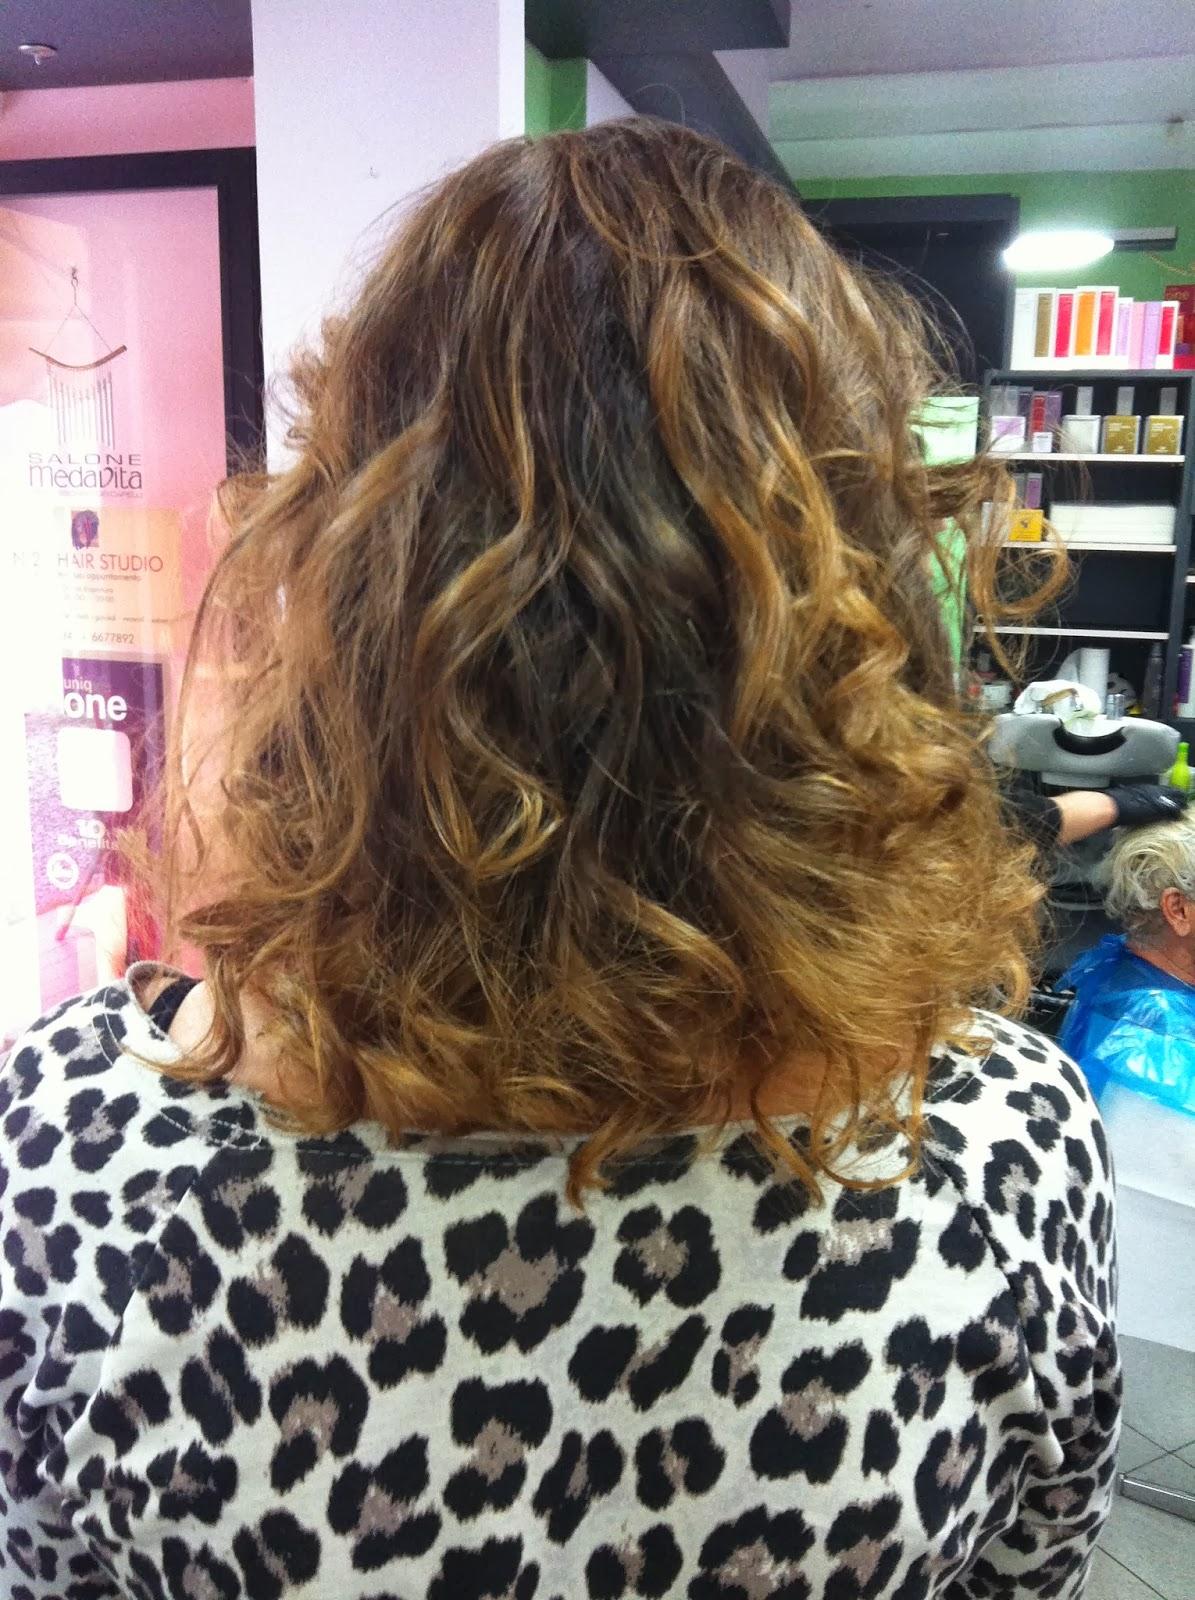 Il mio mondo le mie passioni prodotti per capelli da sogno for Subito it arredamento parrucchieri usato